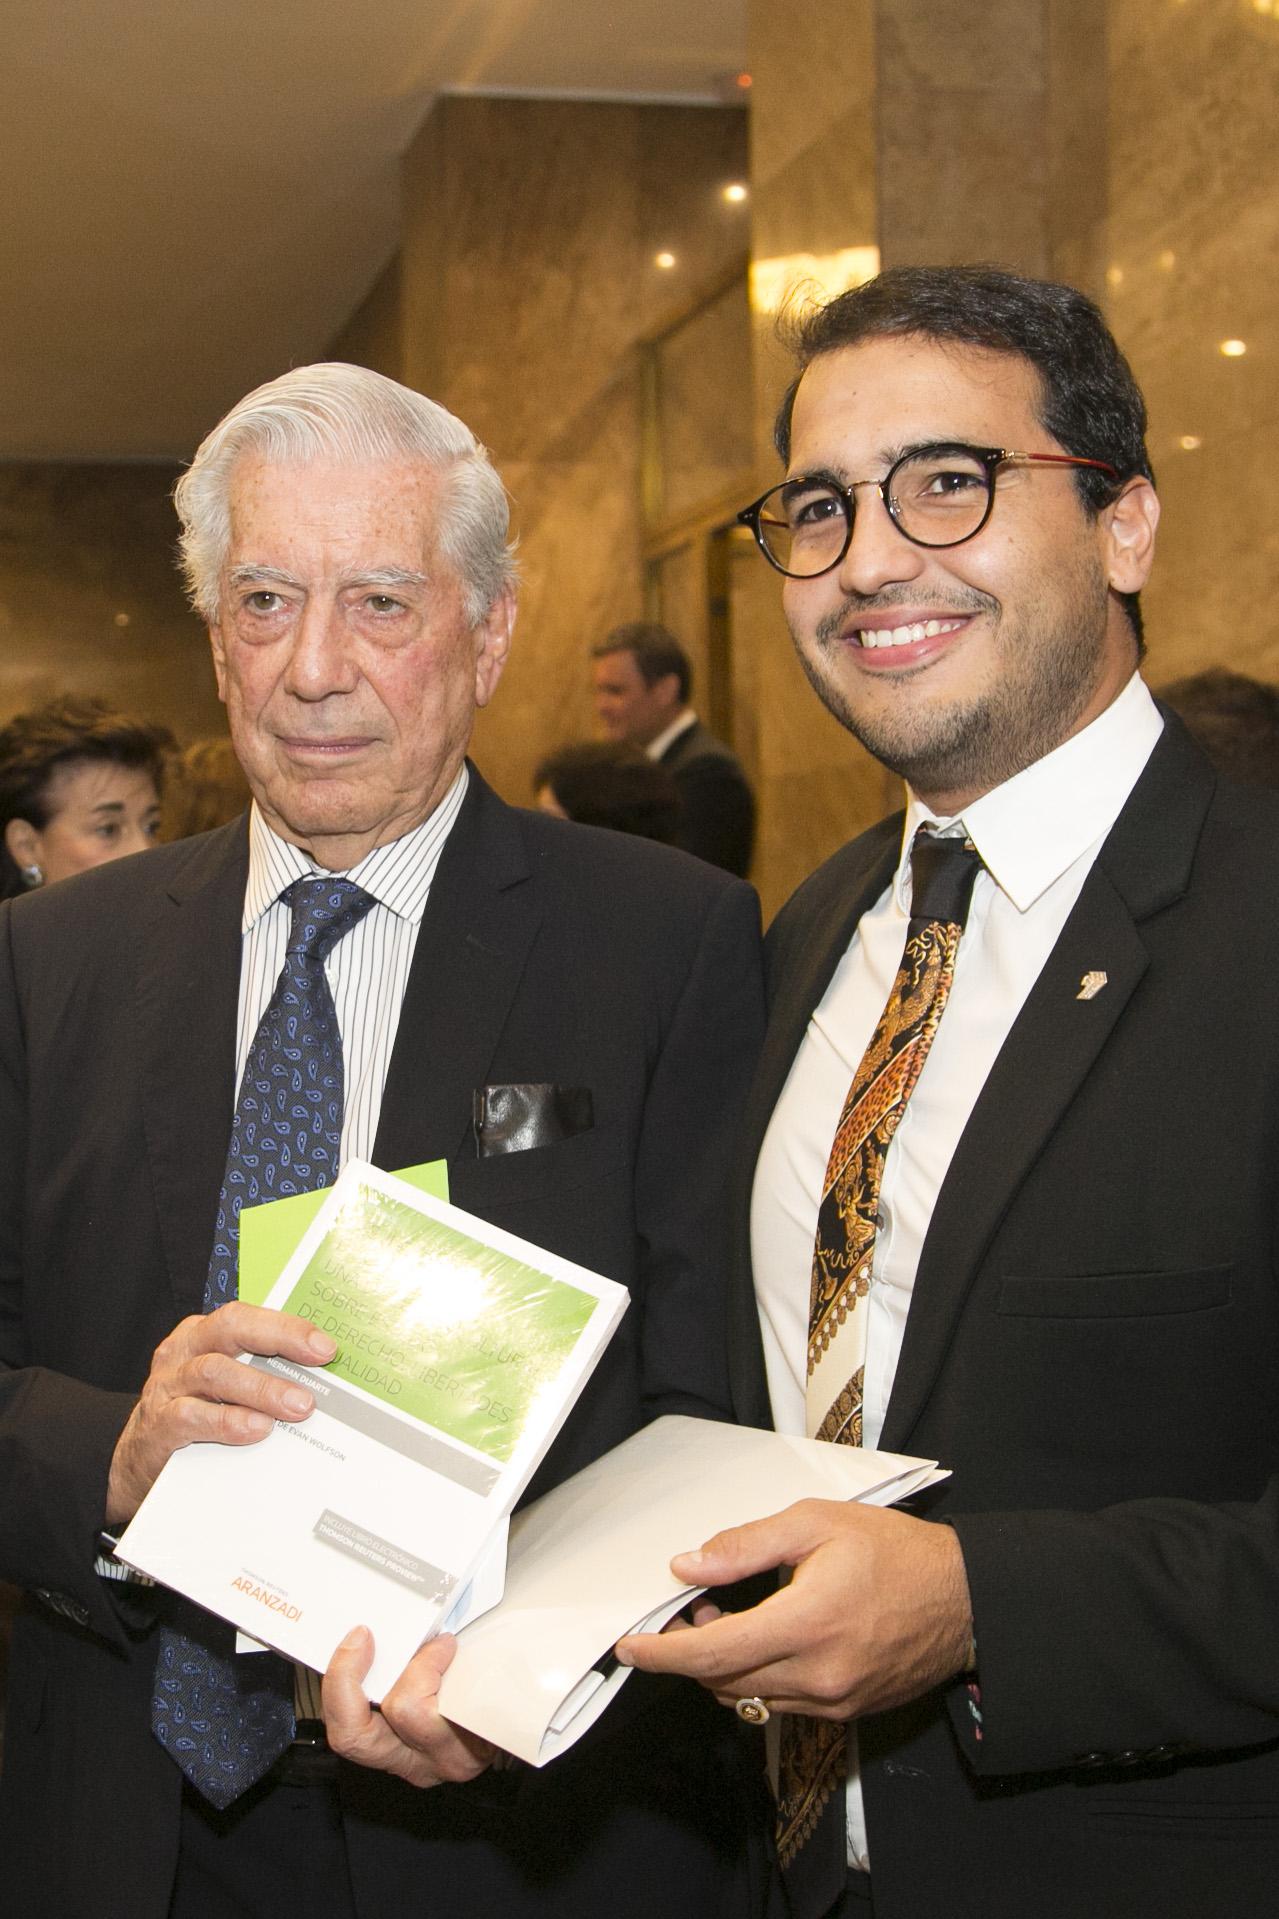 Encuentro con Vargas Llosa  HD23.jpg